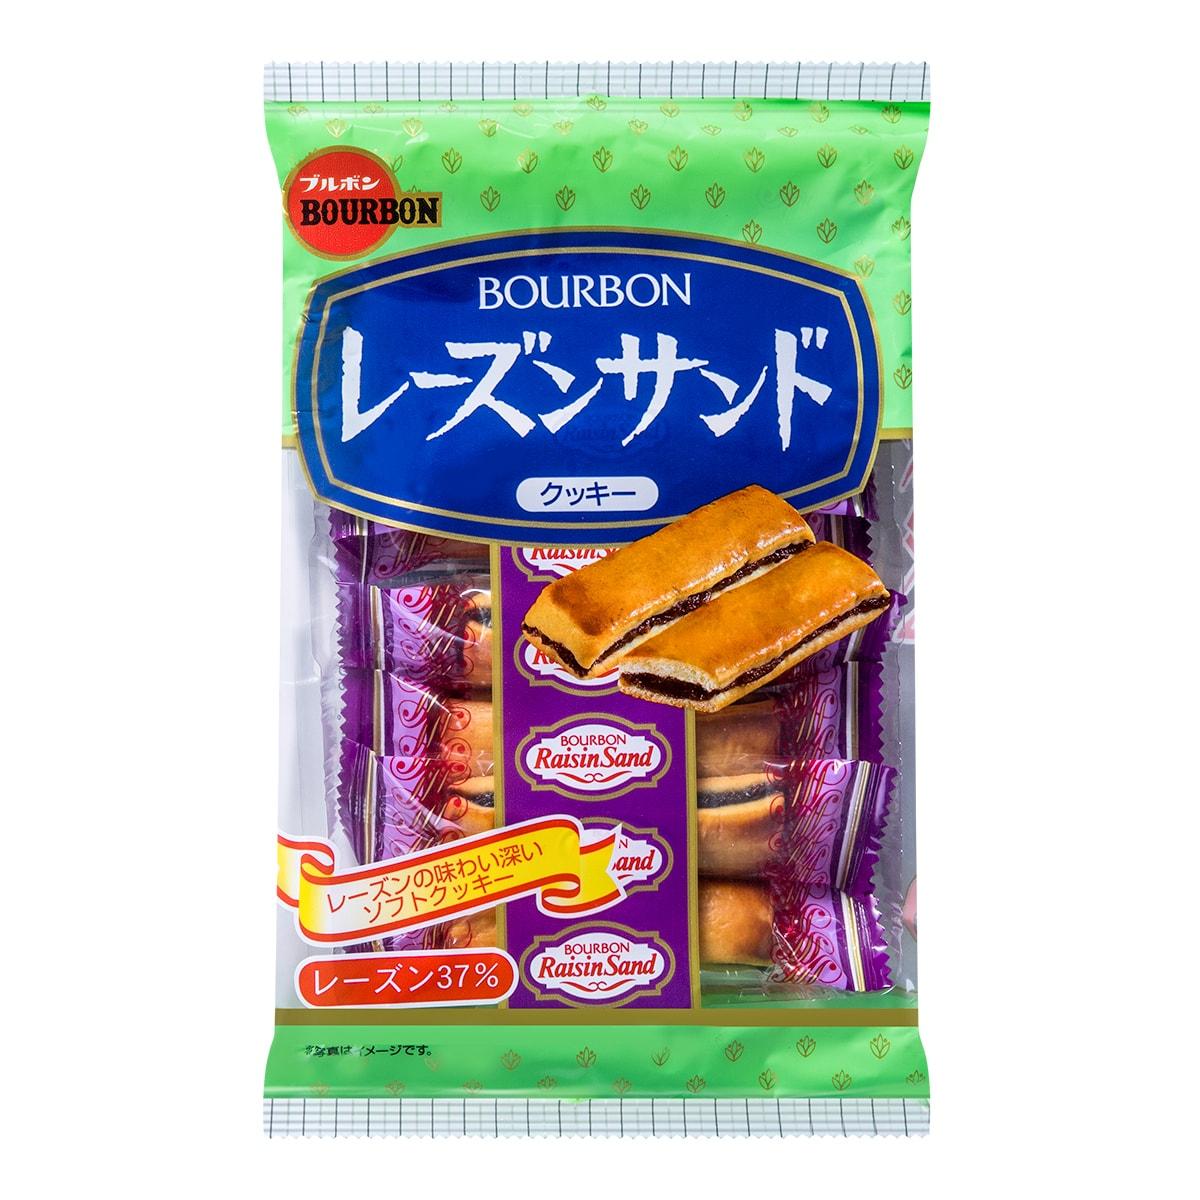 BOUBRON Raisin Sand Cookies 82g